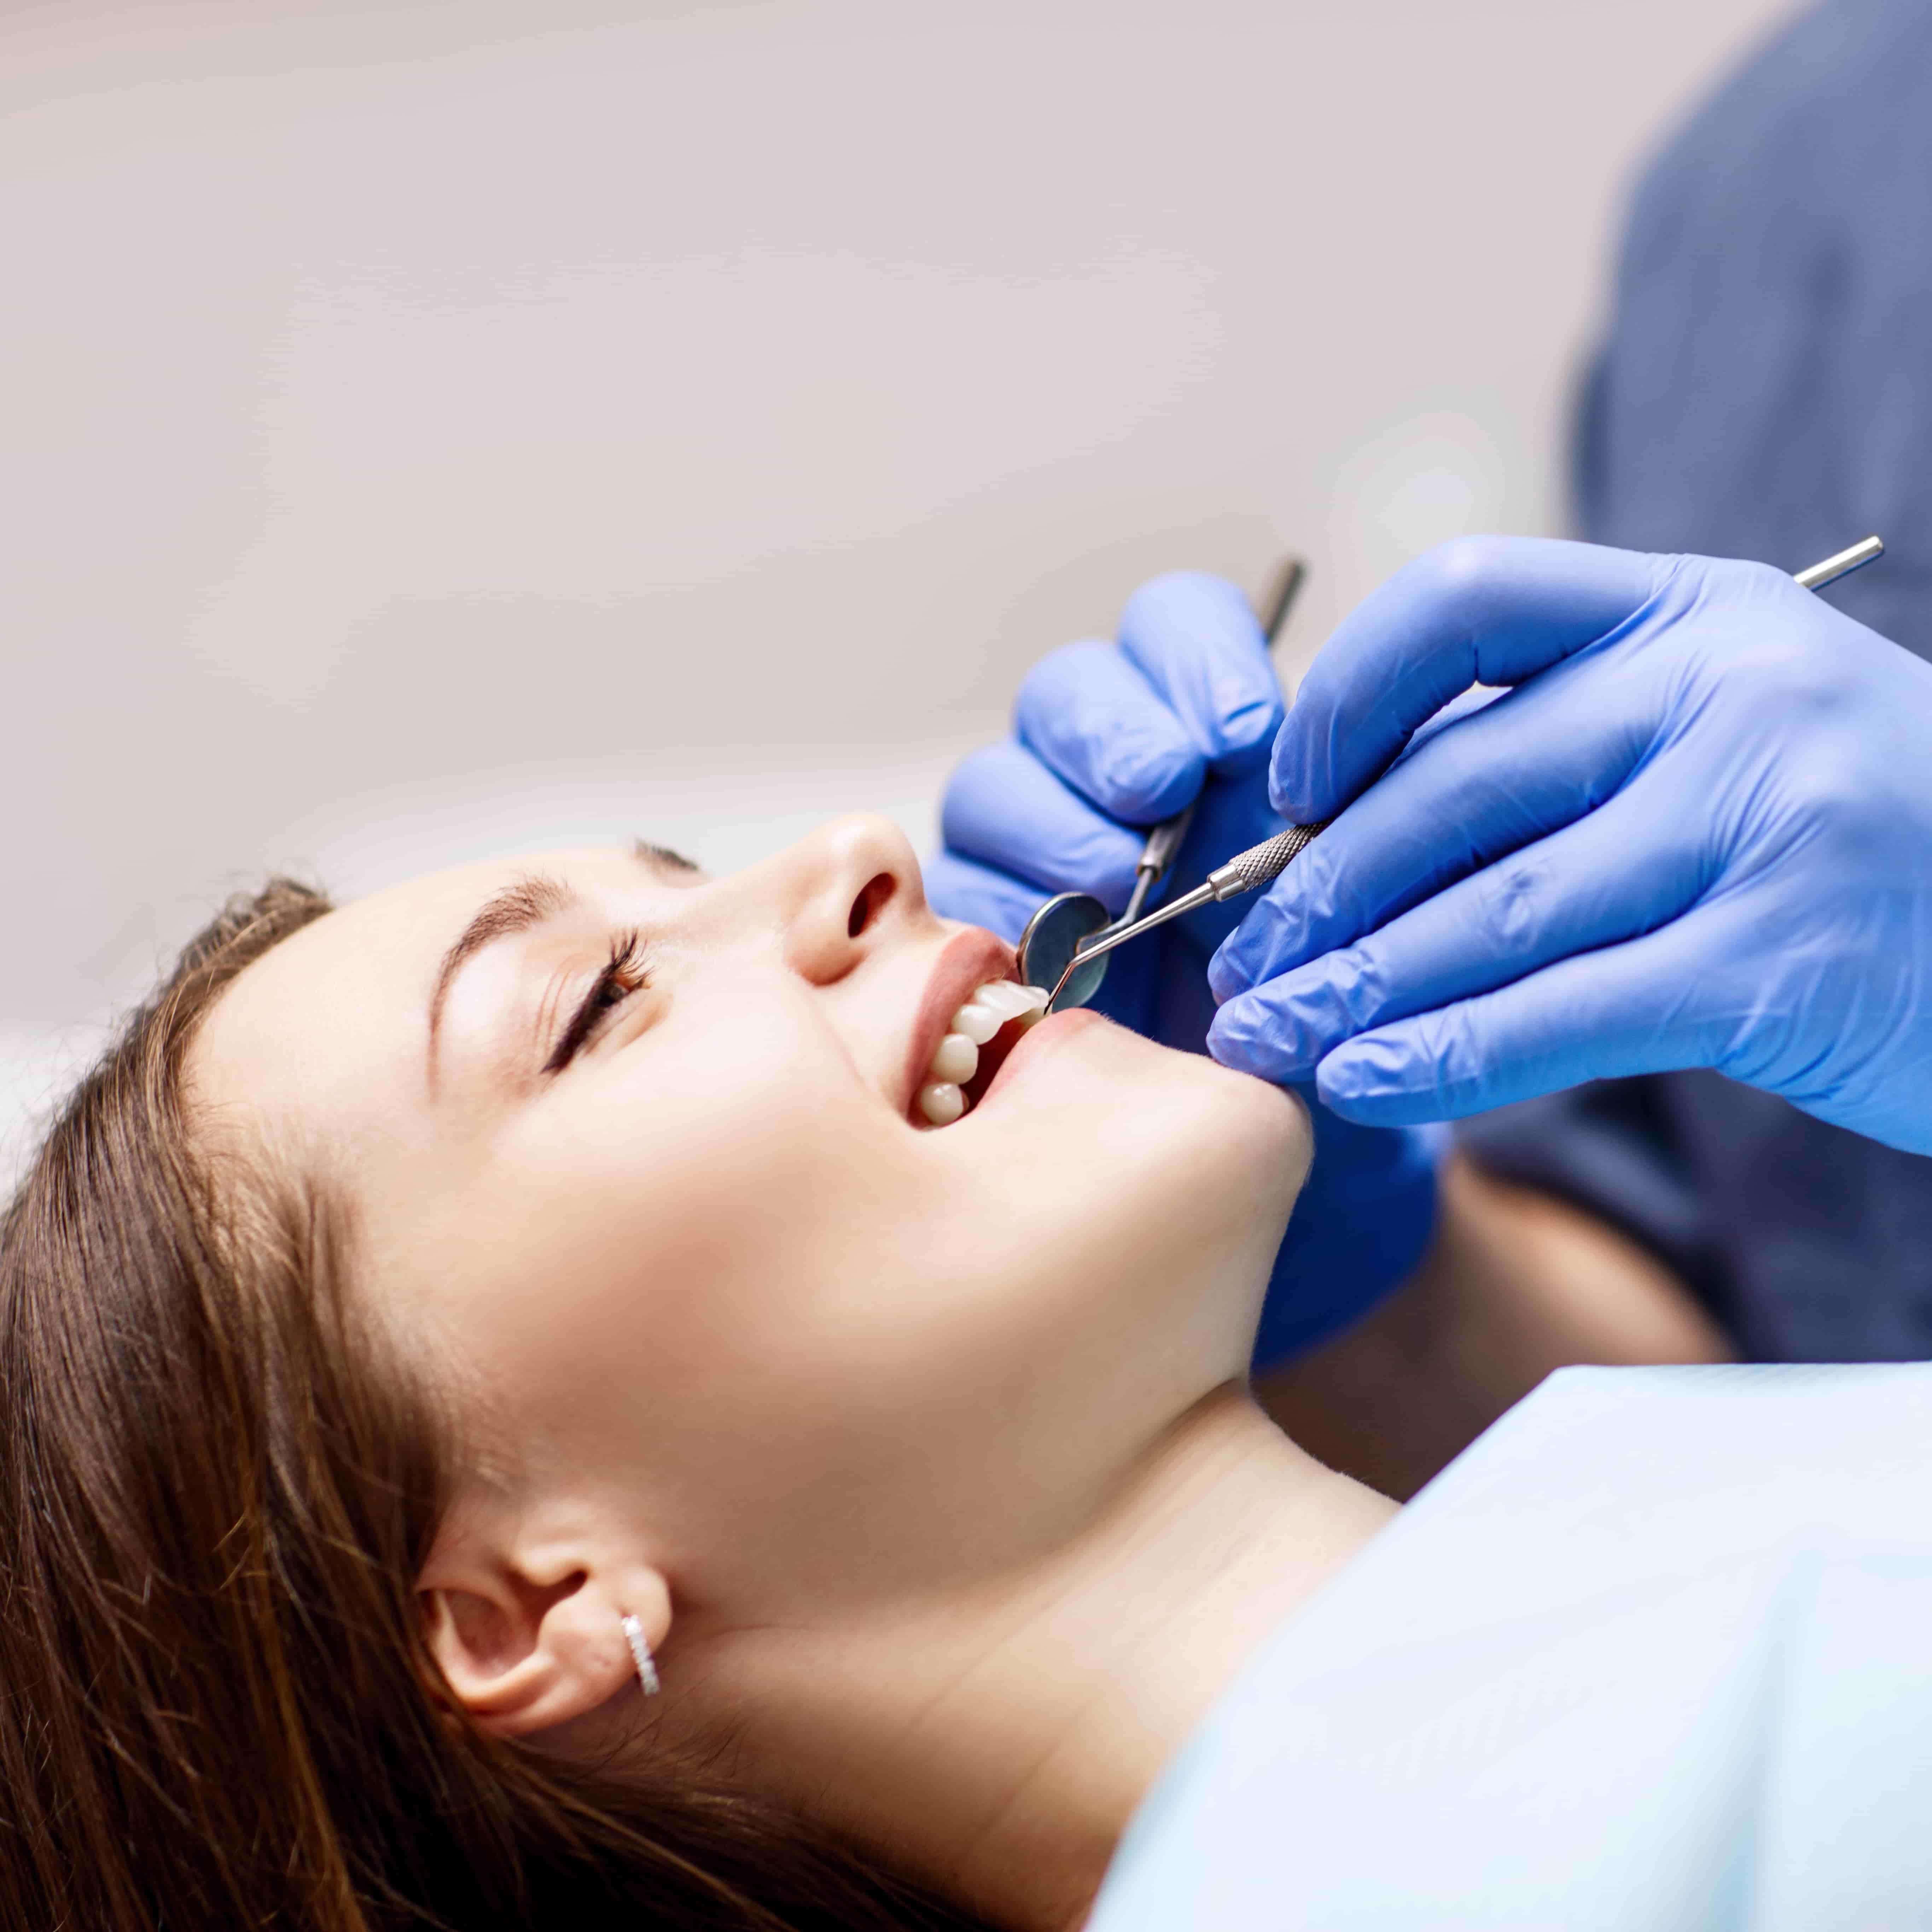 Tandvård behöver varken vara dyrt eller smärtsamt | TandCity